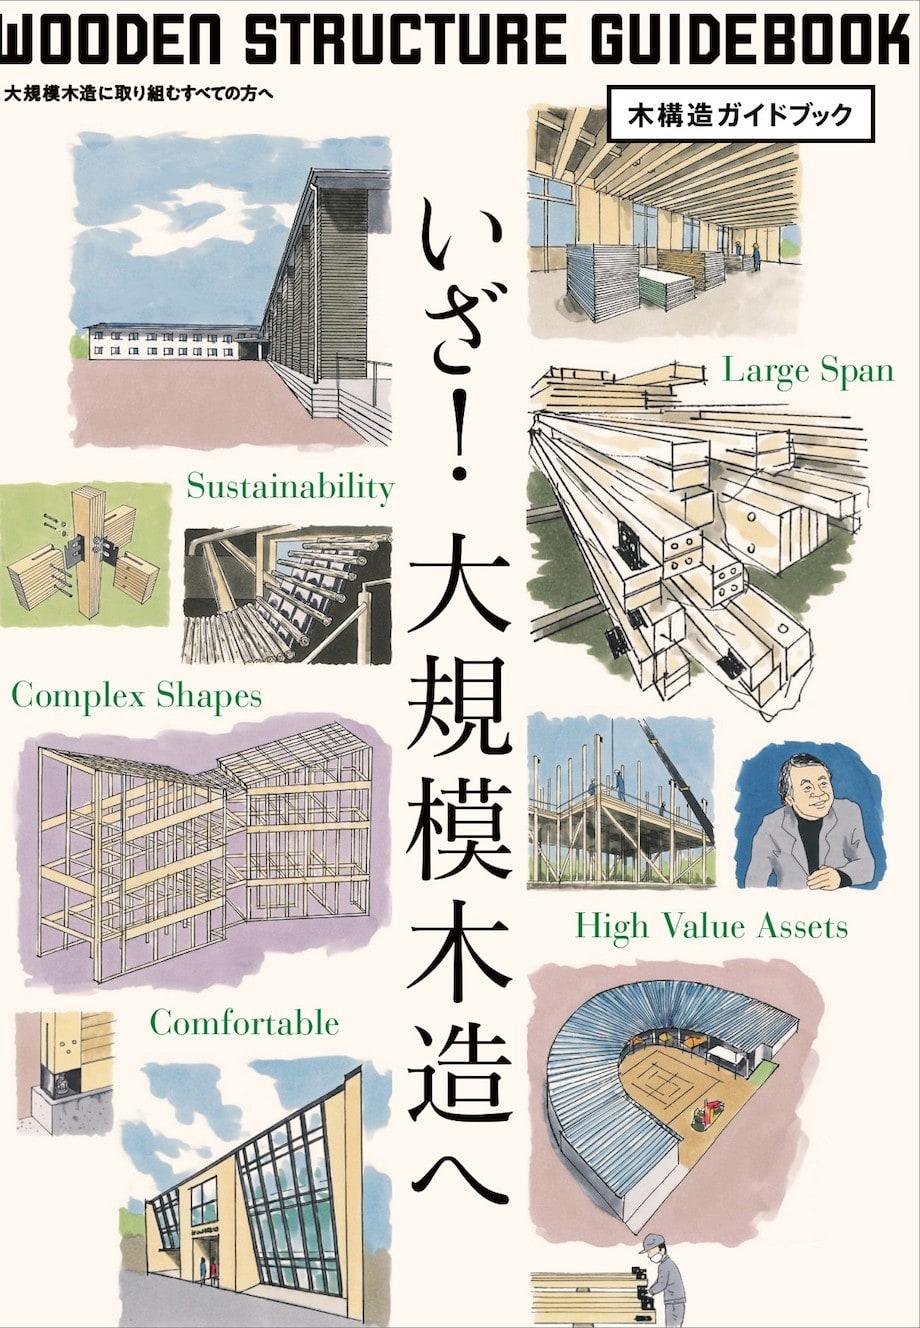 木構造ガイドブック「WOODEN STRUTURE GUIDEBOOK」(エヌ・シー・エヌ発行 2021)